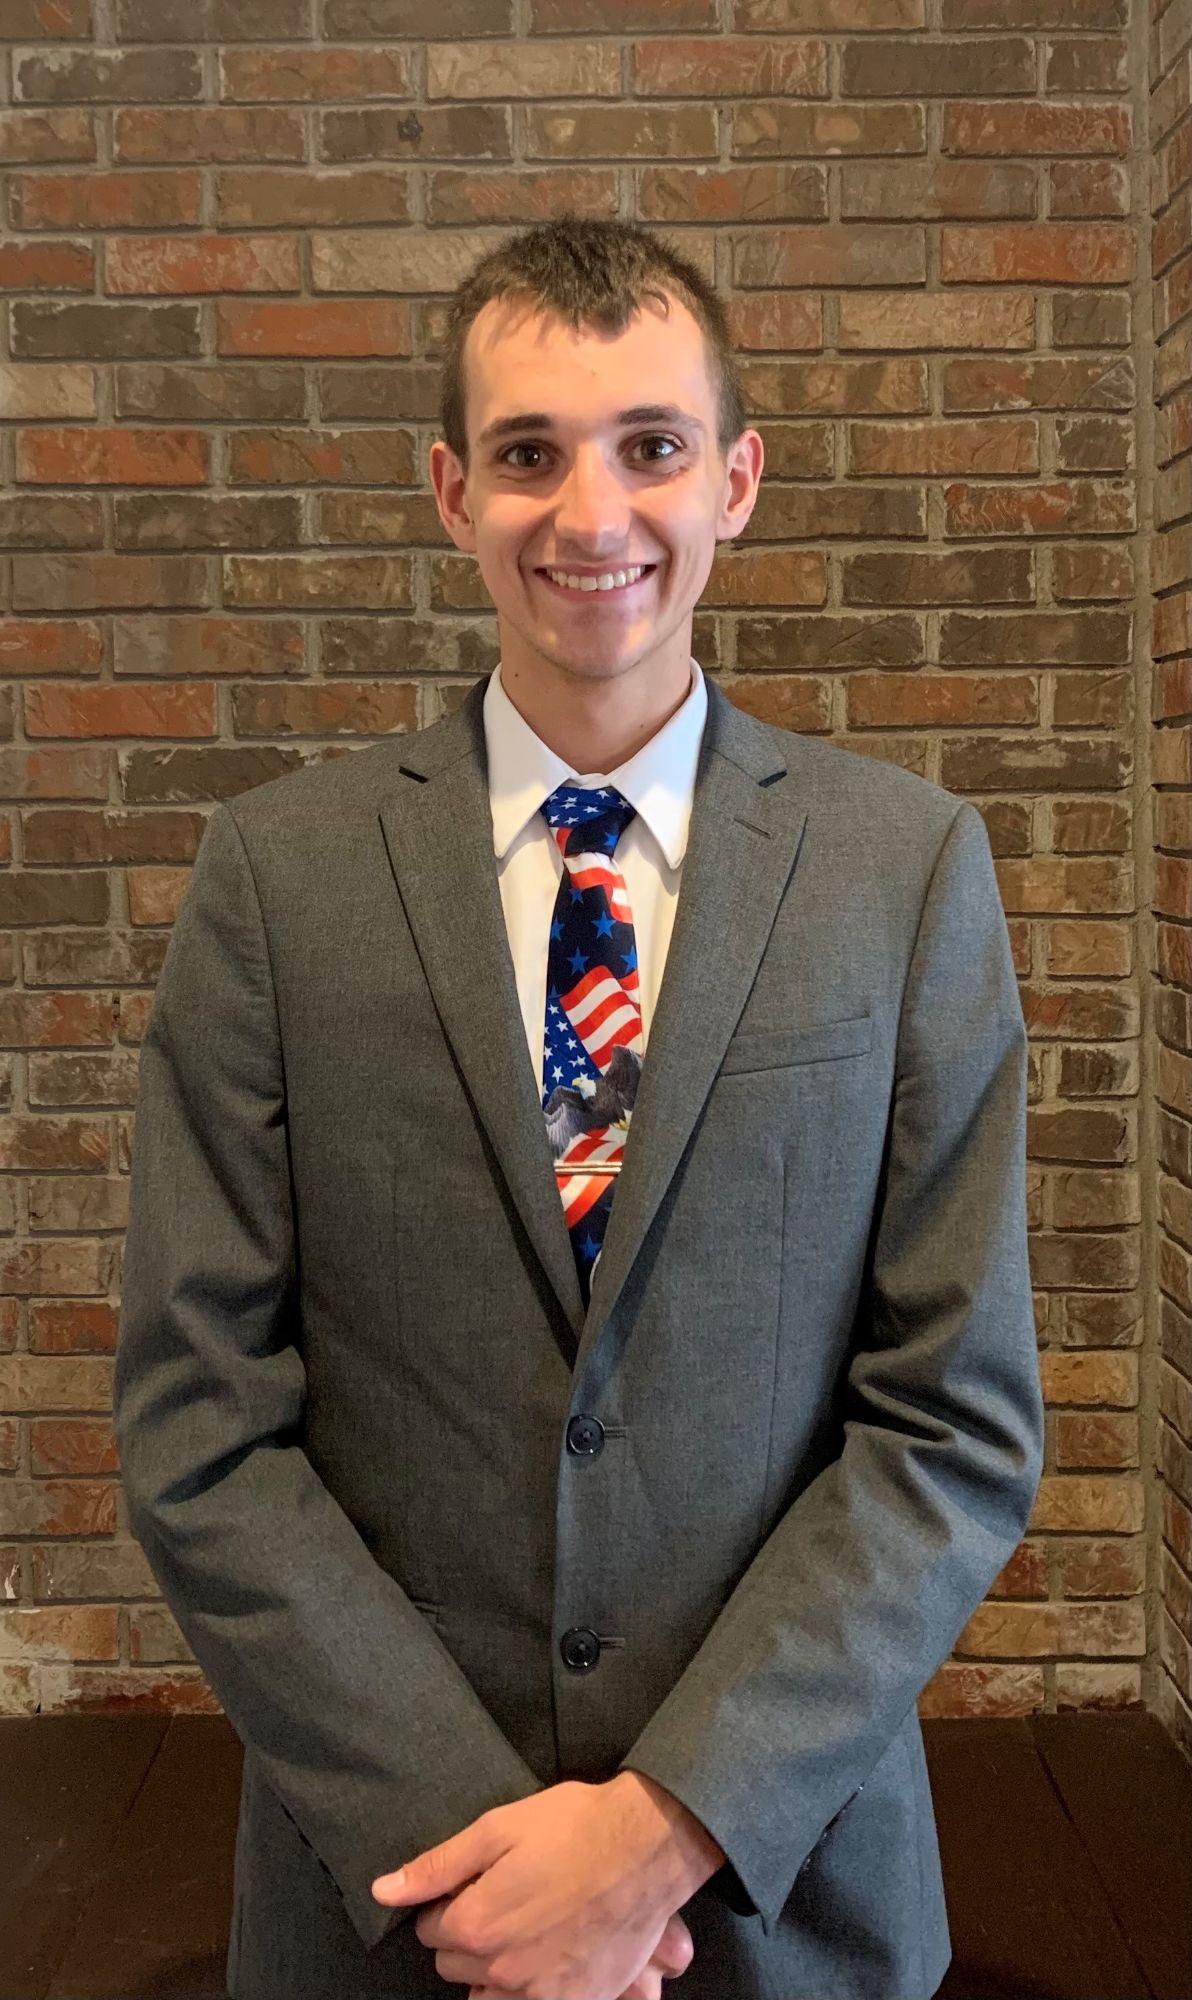 Photo of Hayden Allen - Funeral Assistant